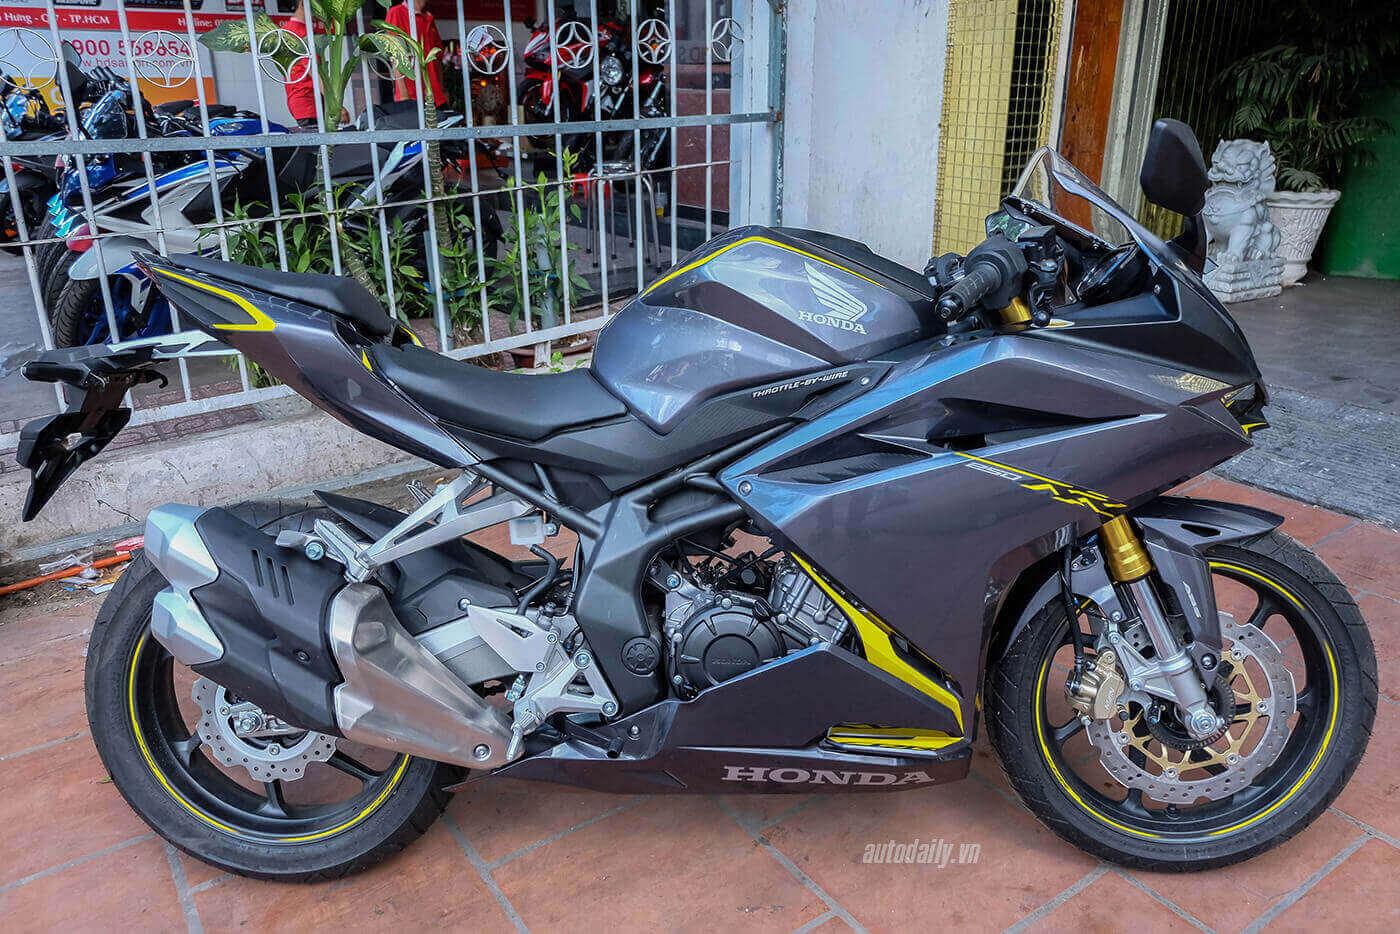 Honda CBR 250 RR ABS 2017 xe mô tô giá dưới 300 triệu